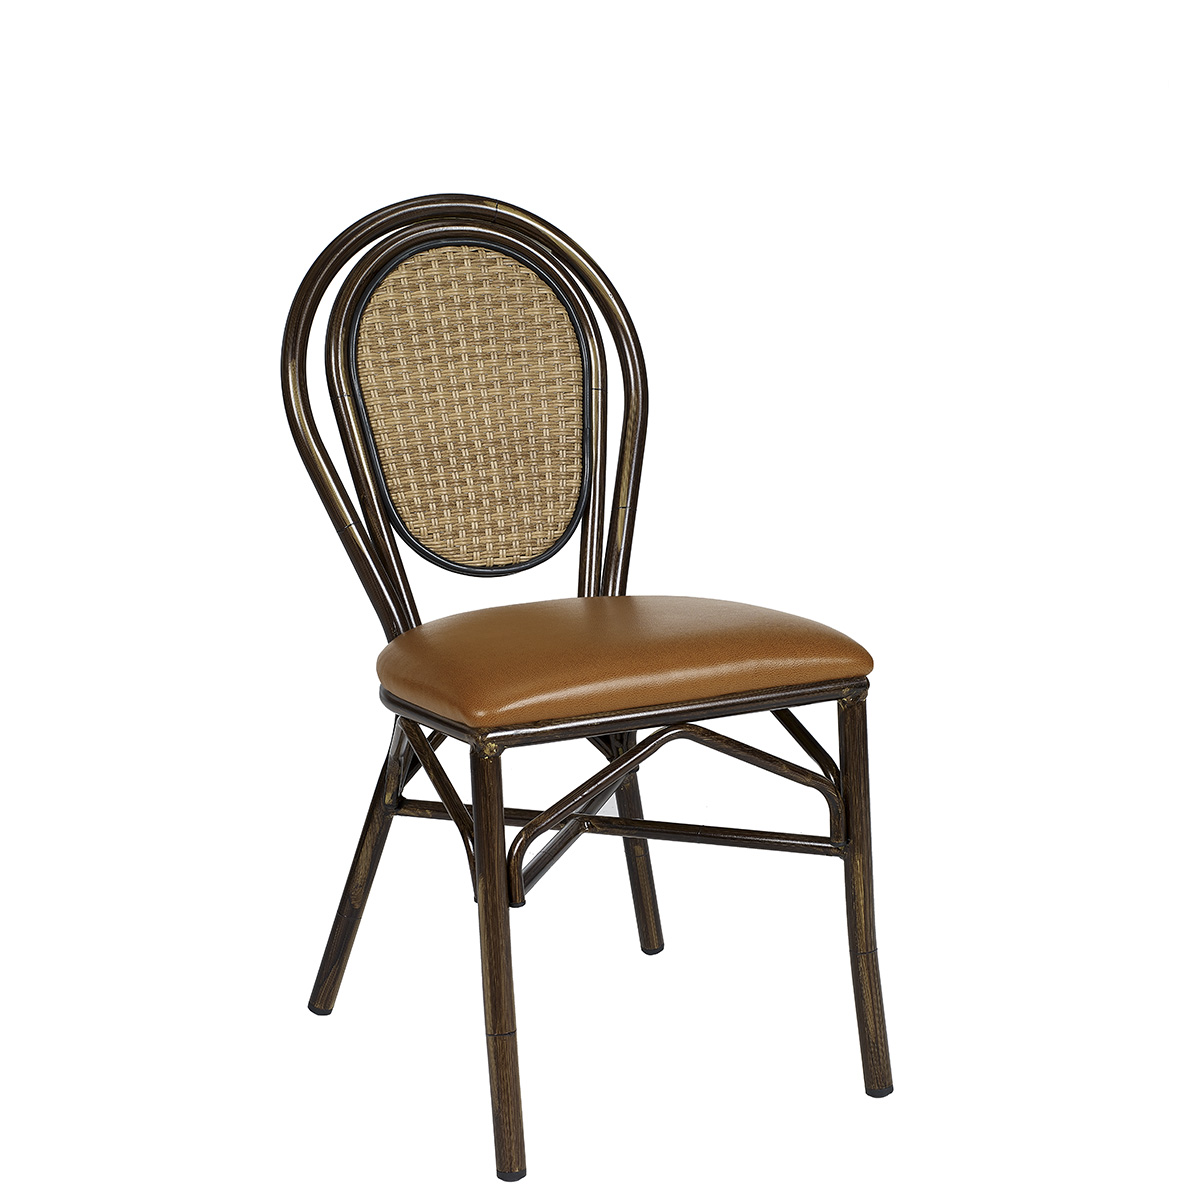 bulevaria-silla-deco-nogal-respaldo-atlas-asiento-tapizado-marron